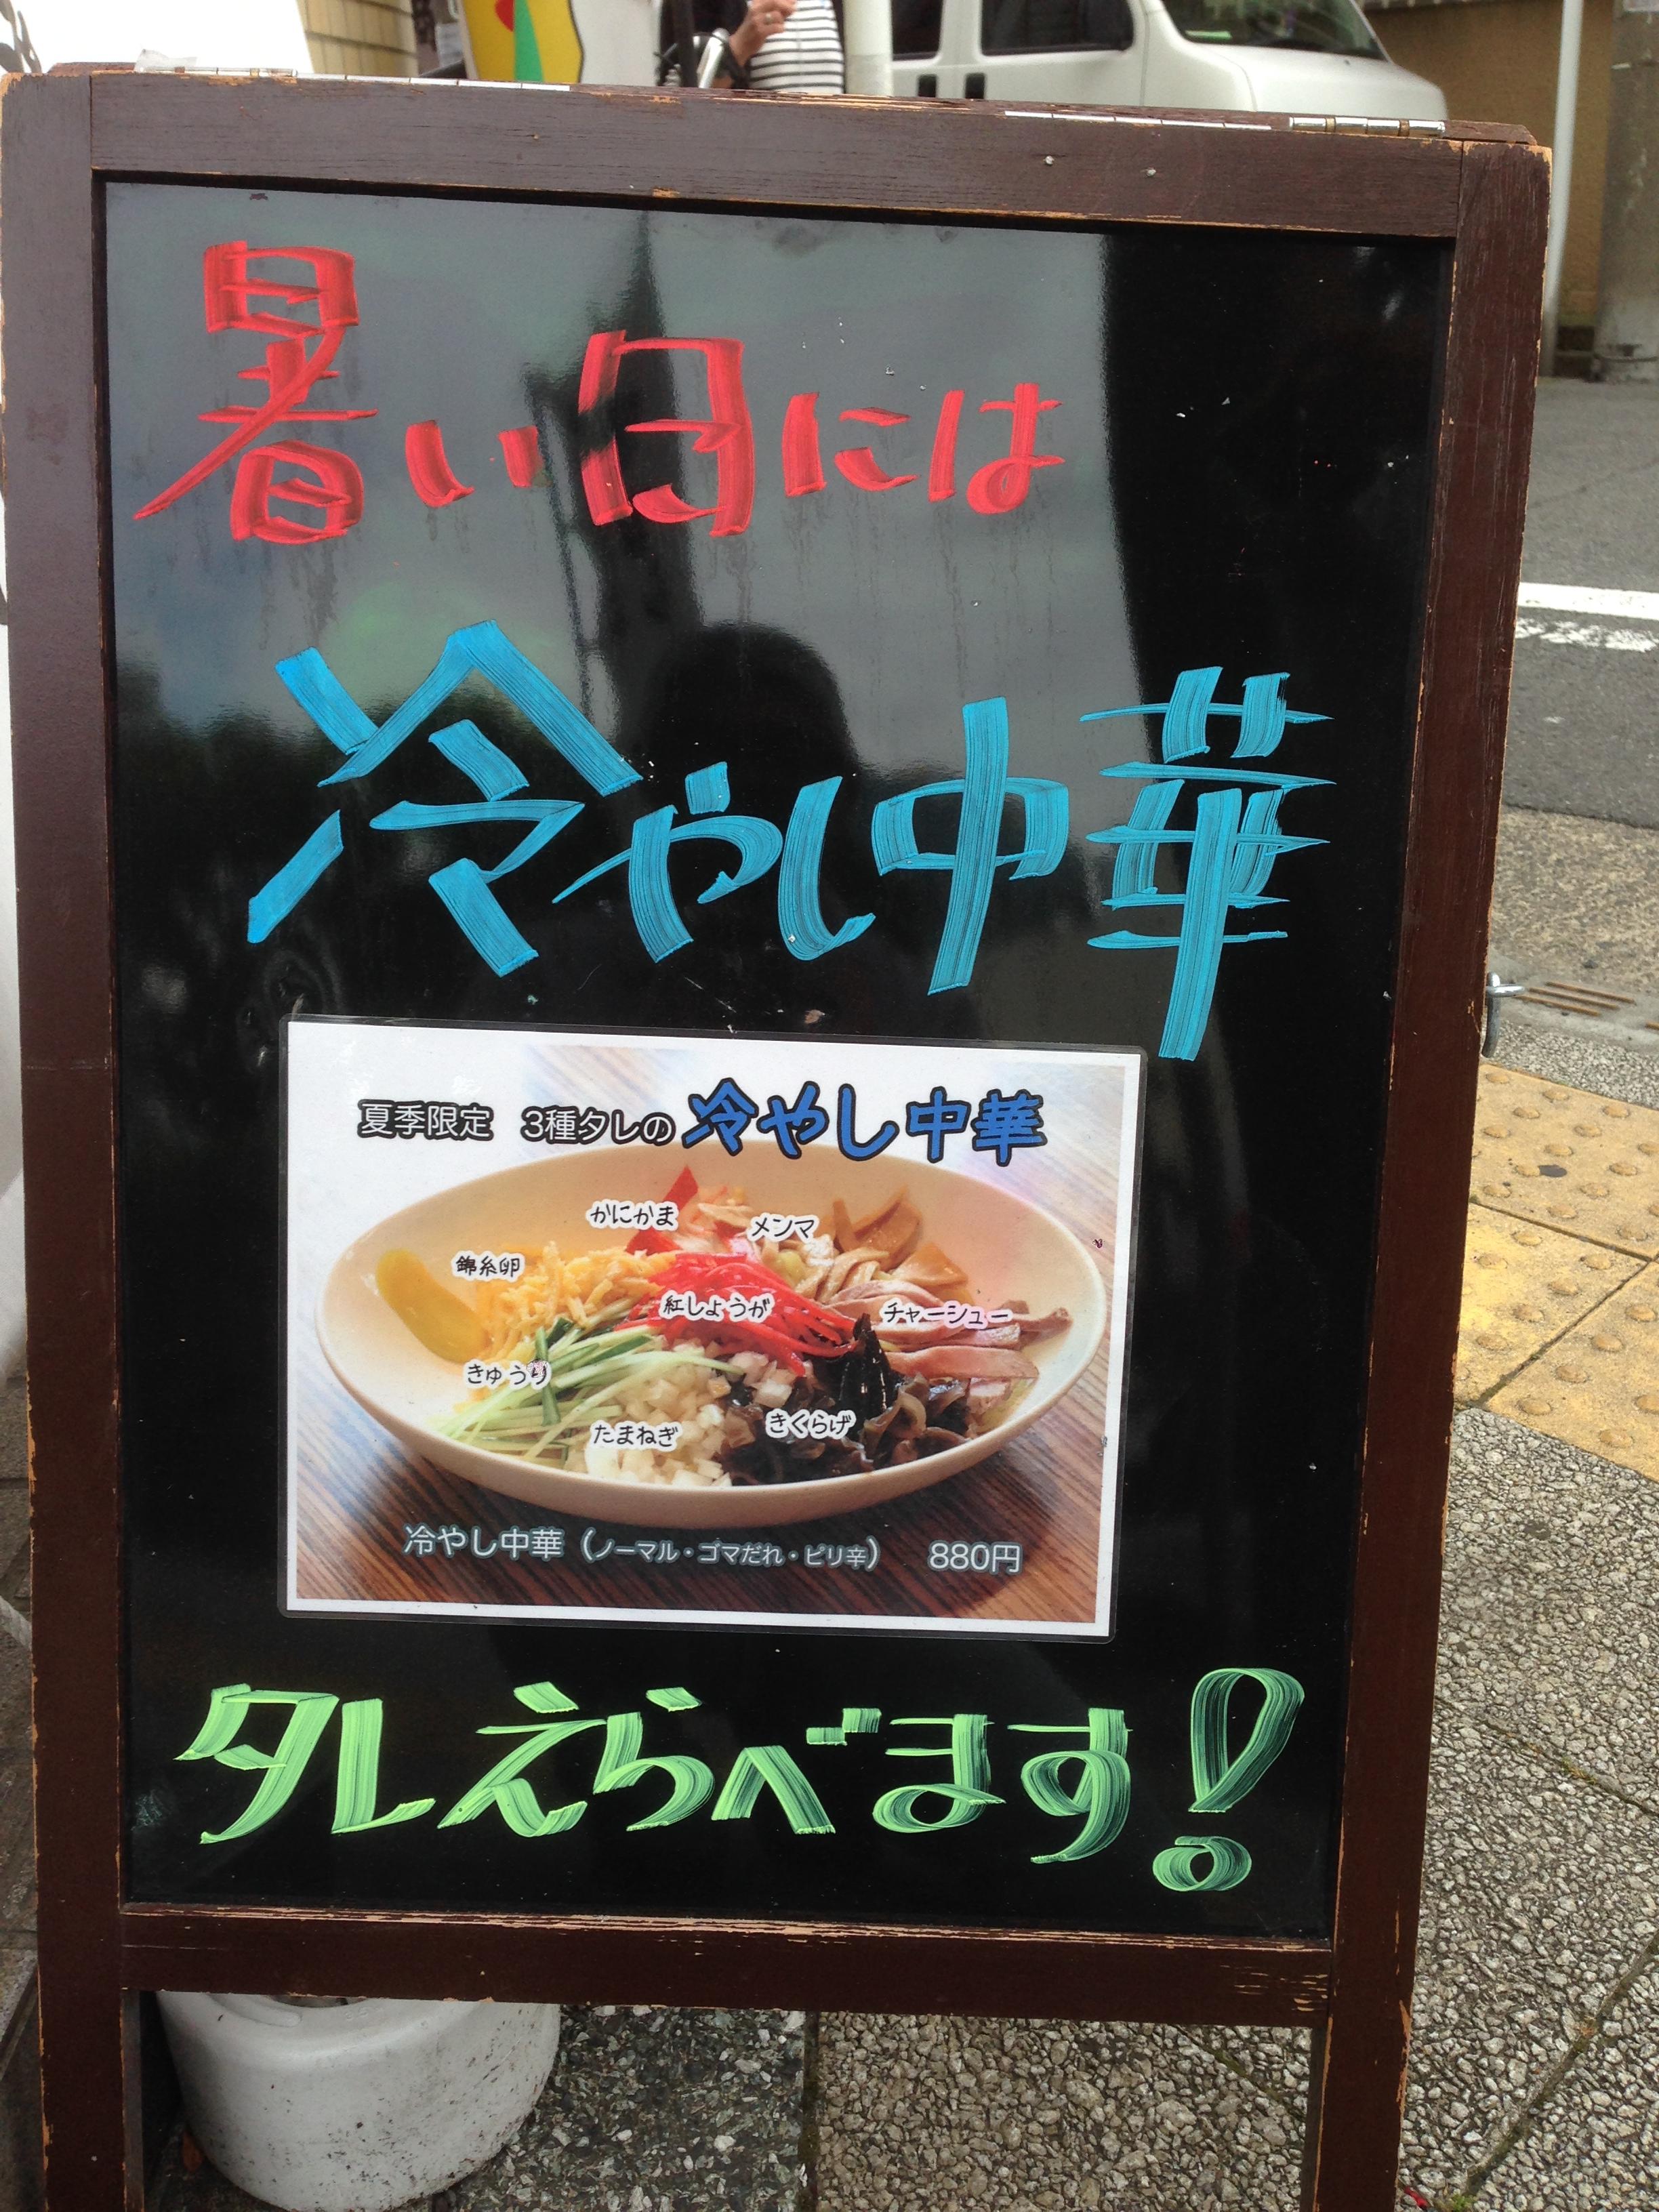 ラーメン春友流 夏メニュー「冷やし中華」を食べた!-ピリ辛たれが絡んだ麺がおいしい!